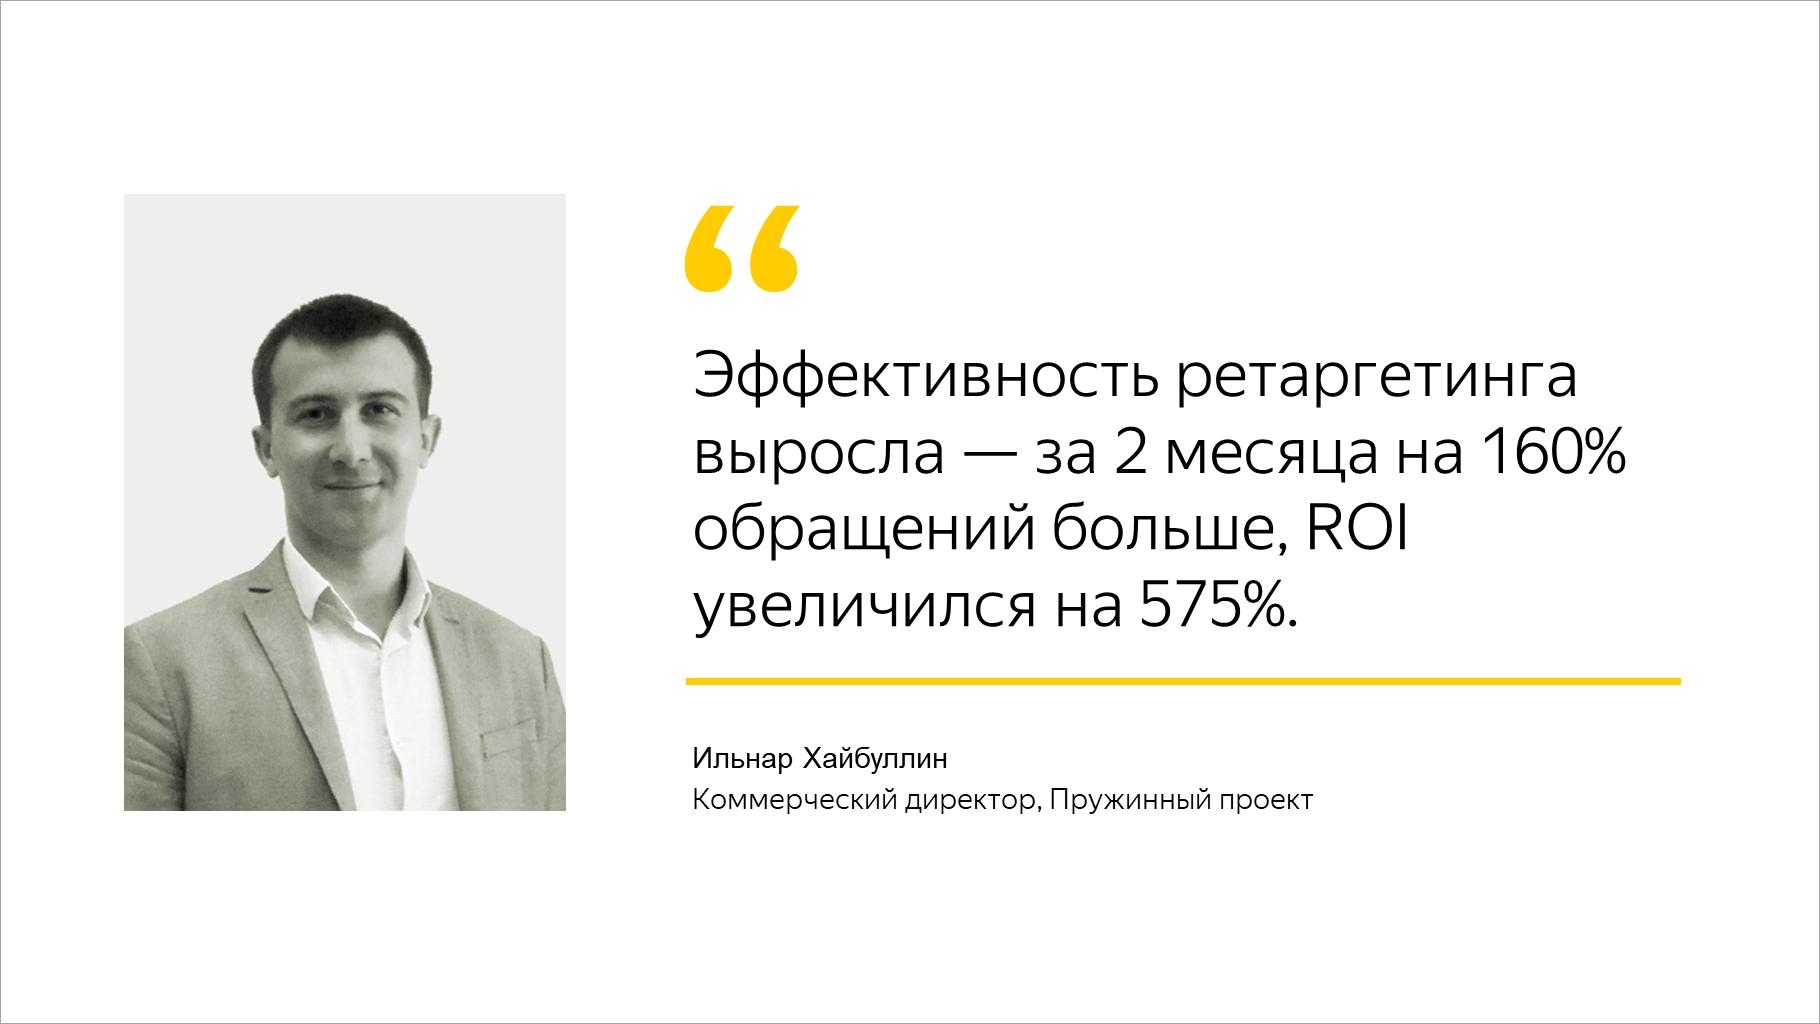 Эффективность ретаргетинга выросла — за 2 месяца на 160% обращений больше, ROI увеличился на 575%.